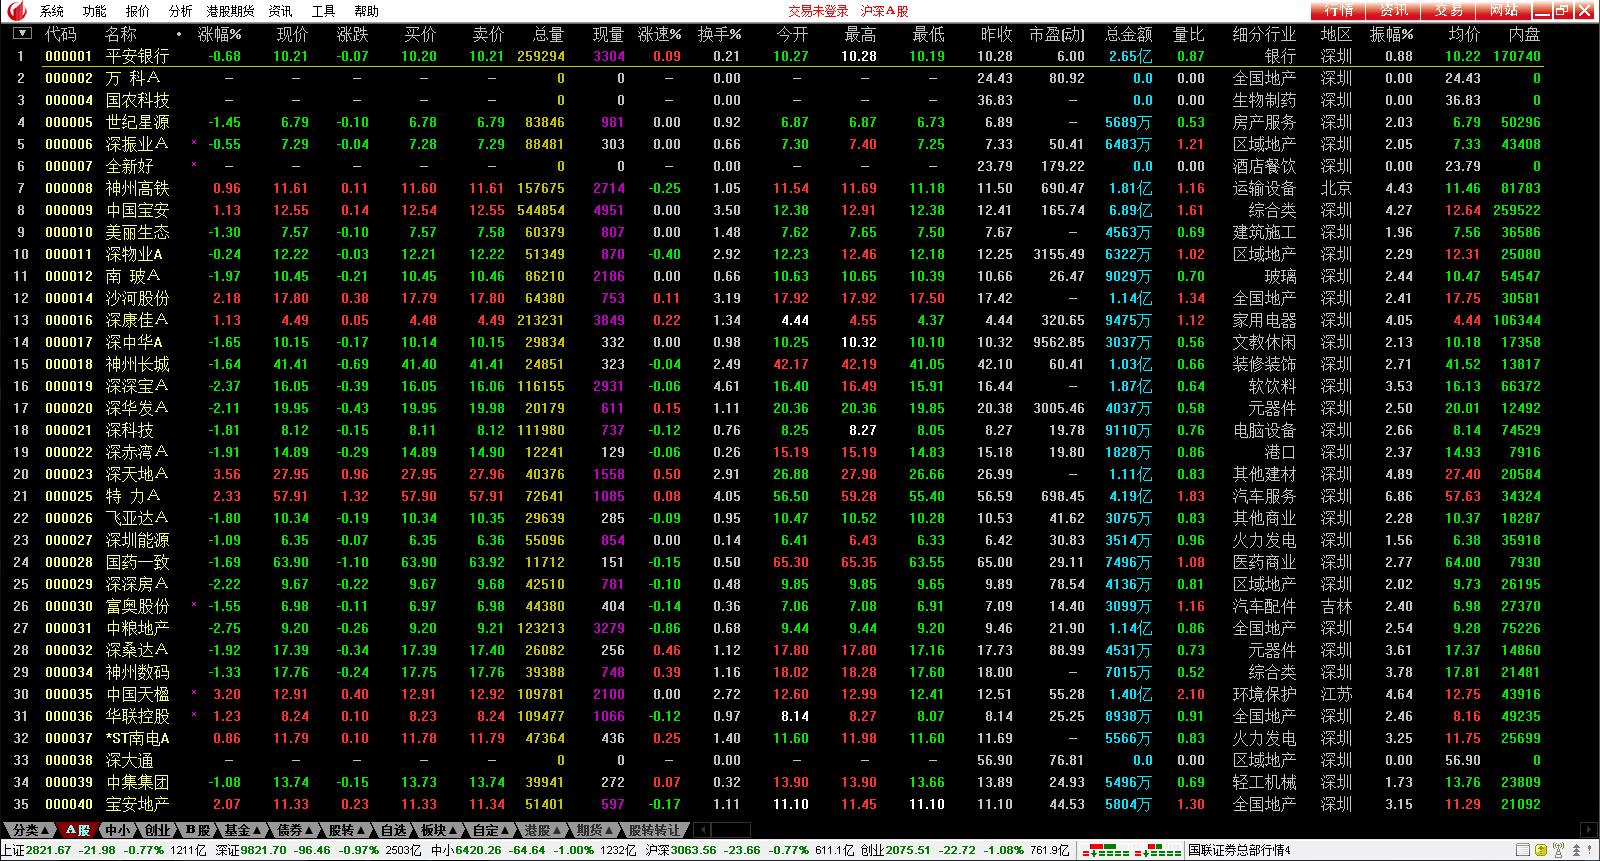 国联证券合一版截图1